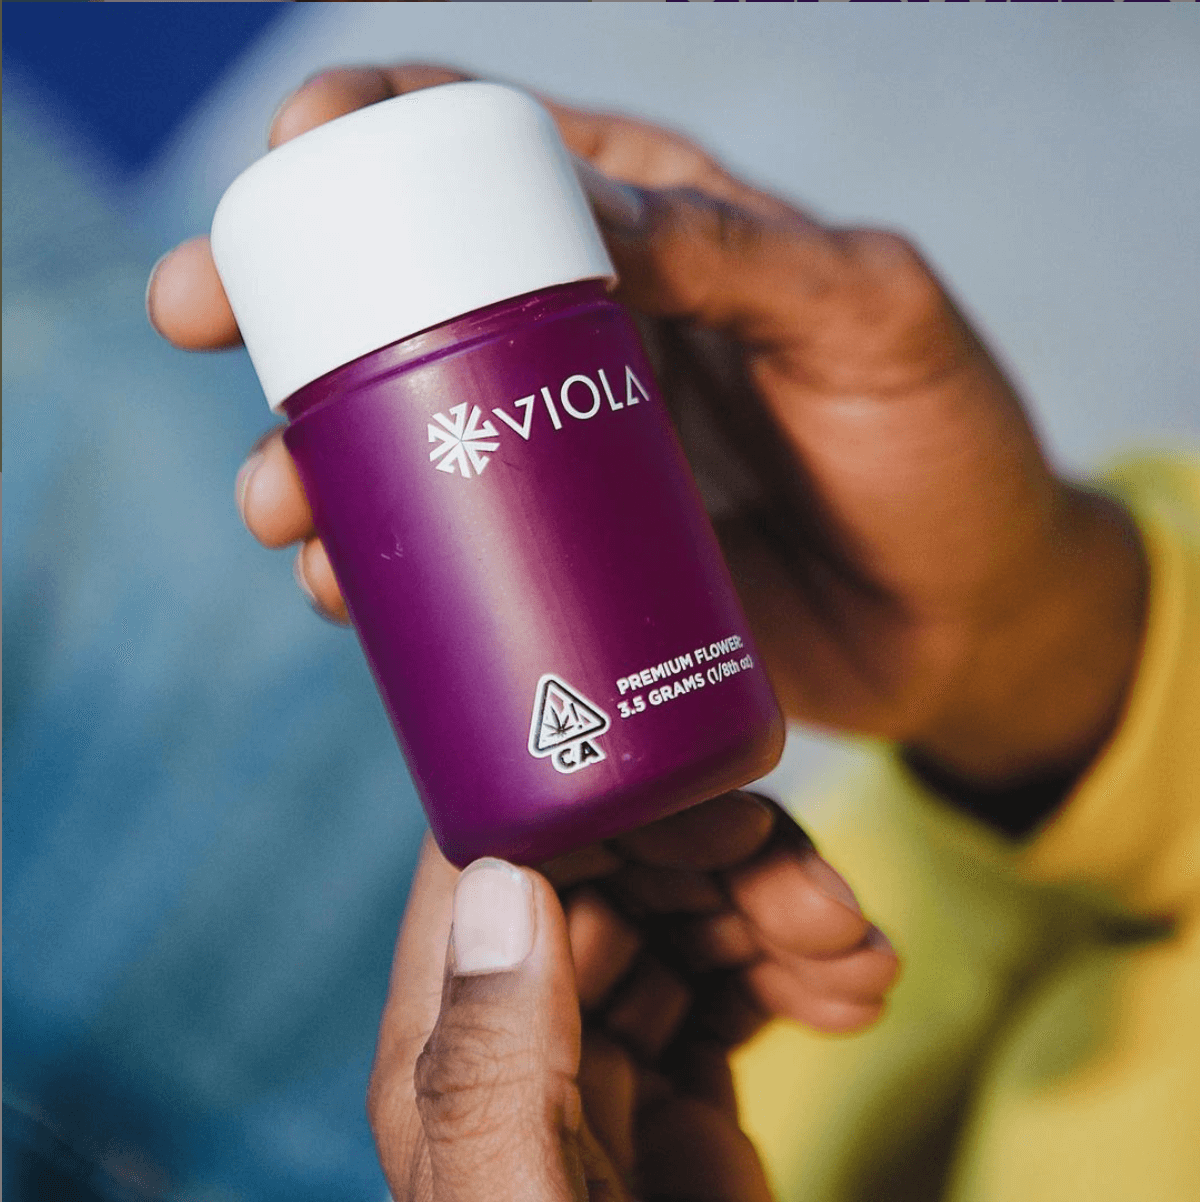 viola cannabis brand